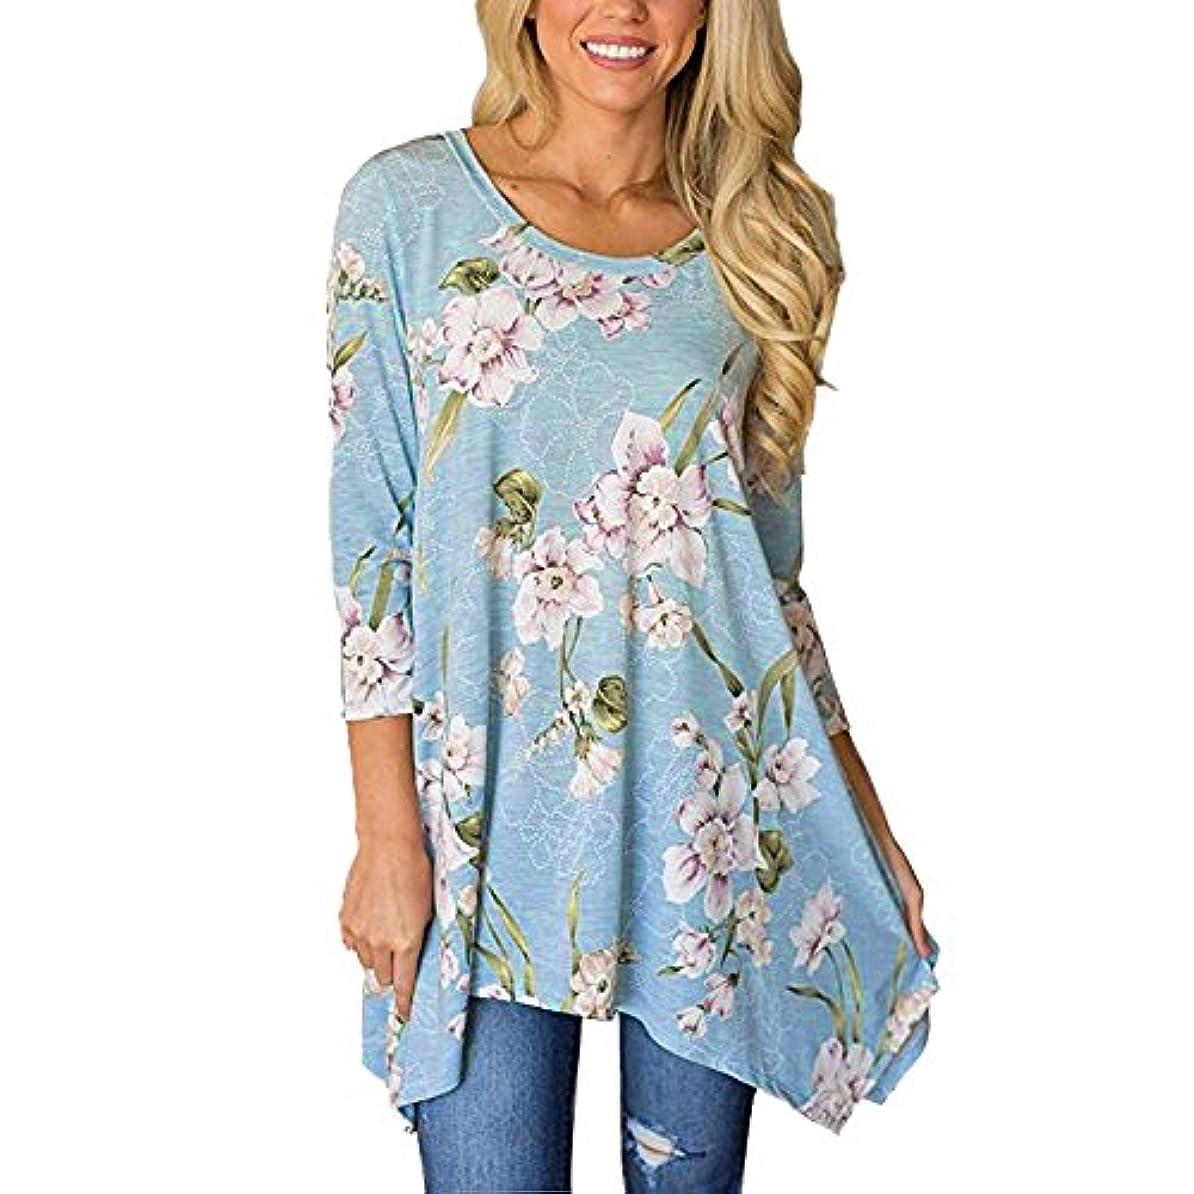 聖職者イノセンスパン屋SakuraBest Women Loose Flowy Flowers Long Sleeve Tank T Shirts Tops Irregular Blouse